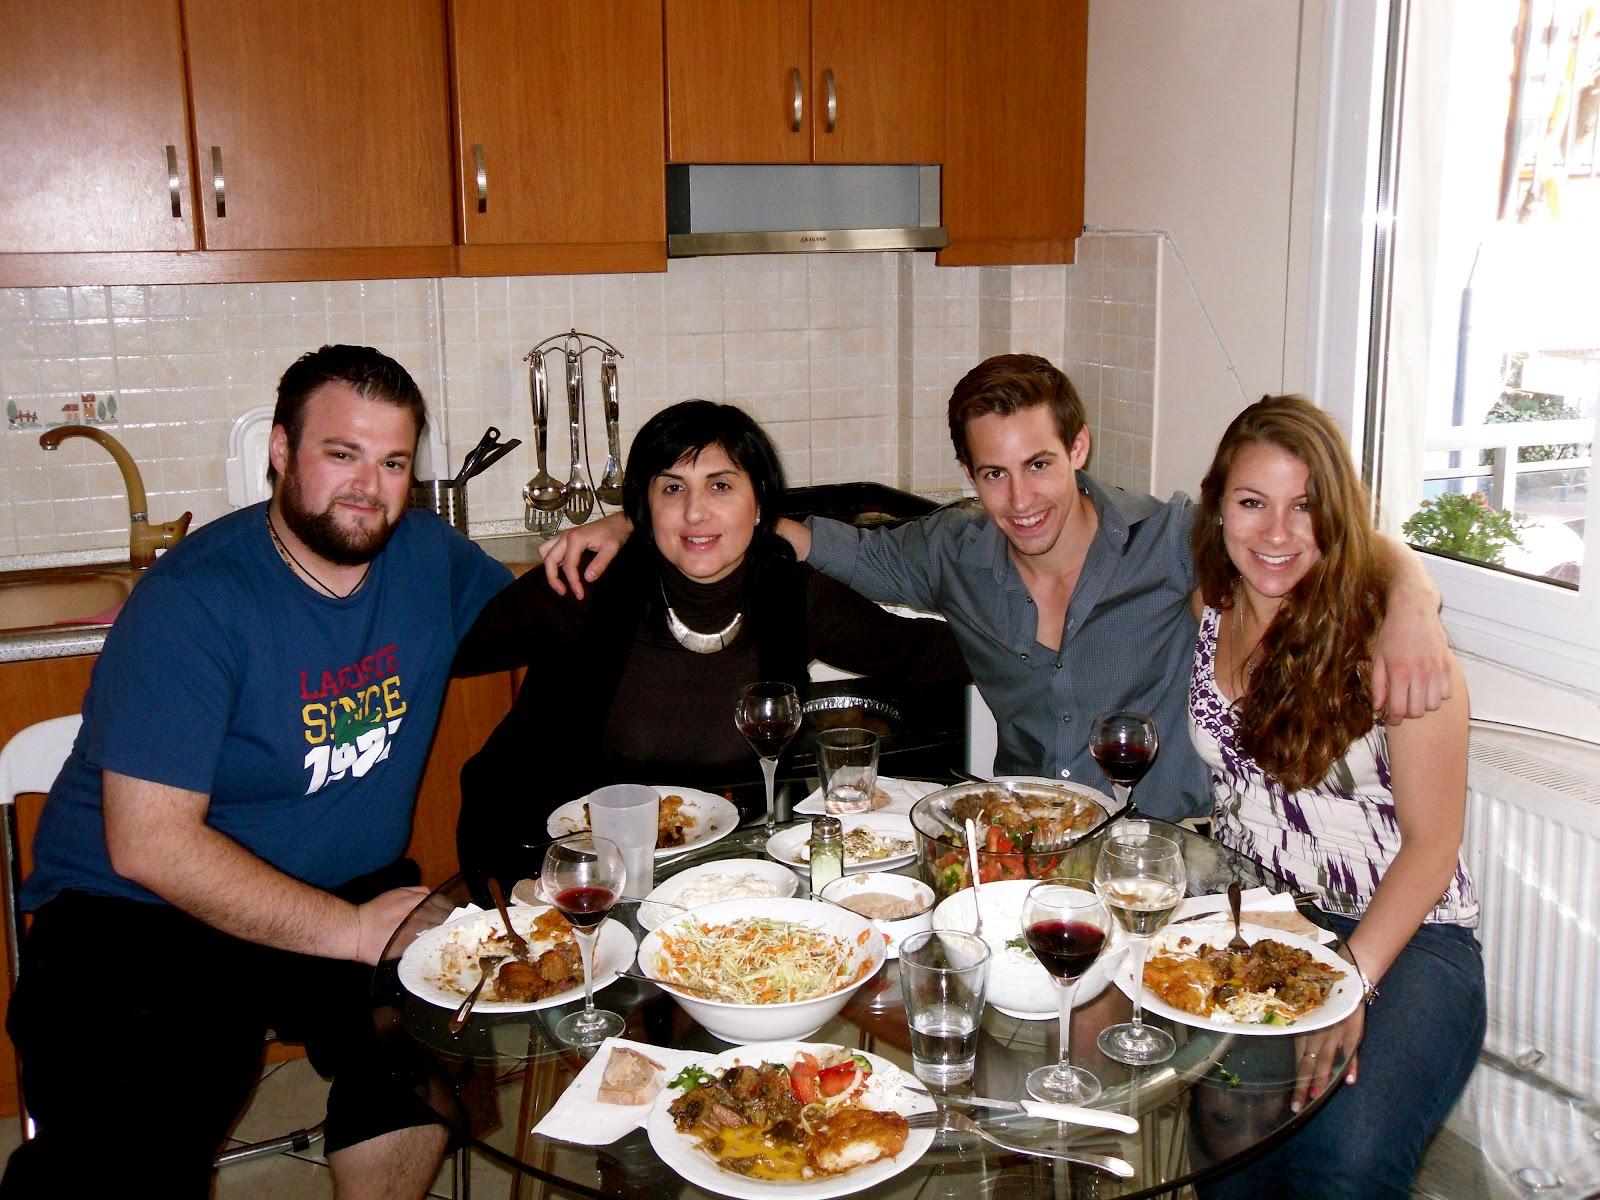 To Travel Explore Love The World Host Family Dinner